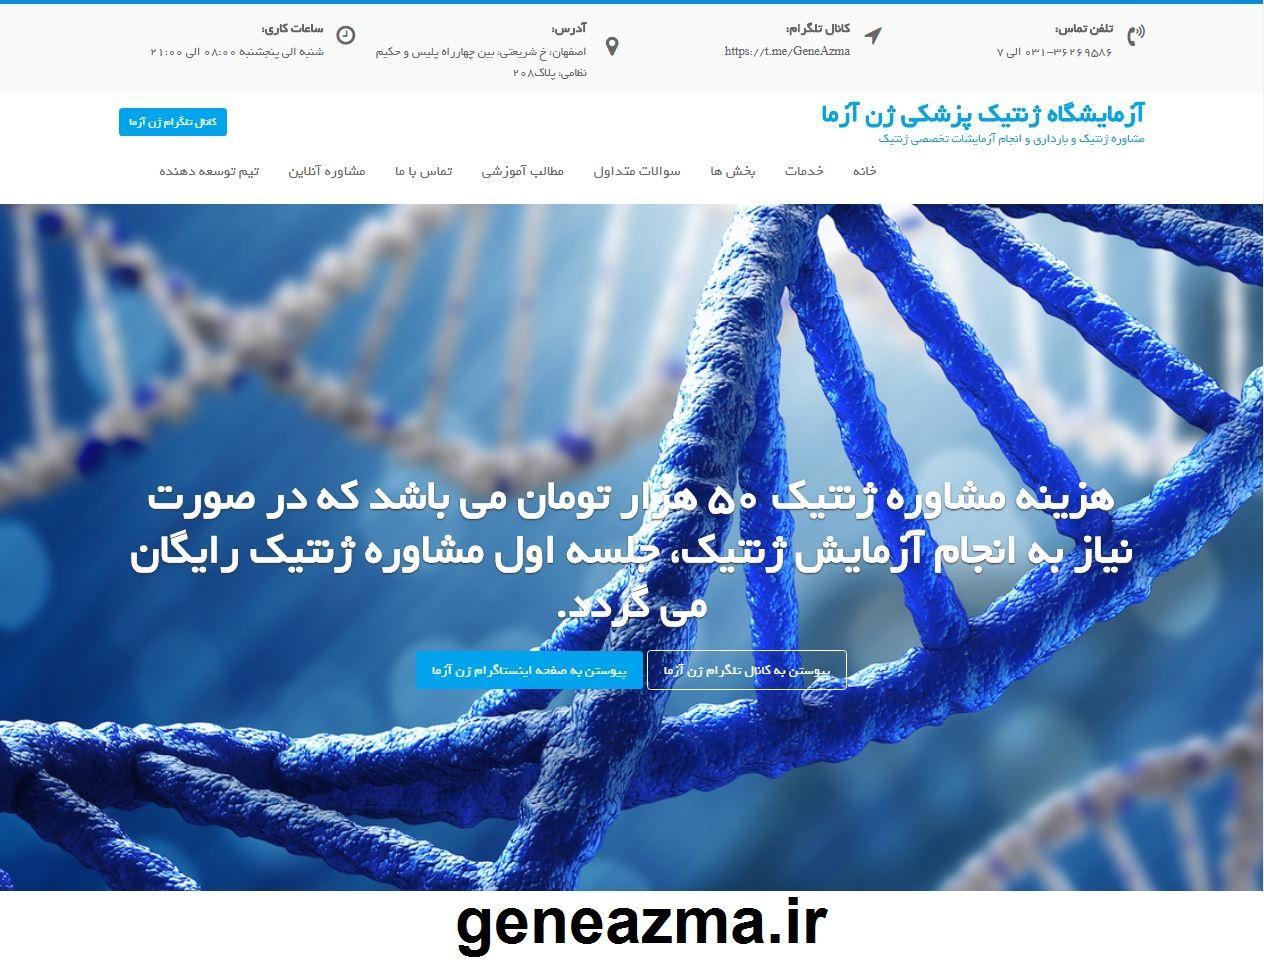 آژمایشگاه ژنتیک پزشکی ژن آزما